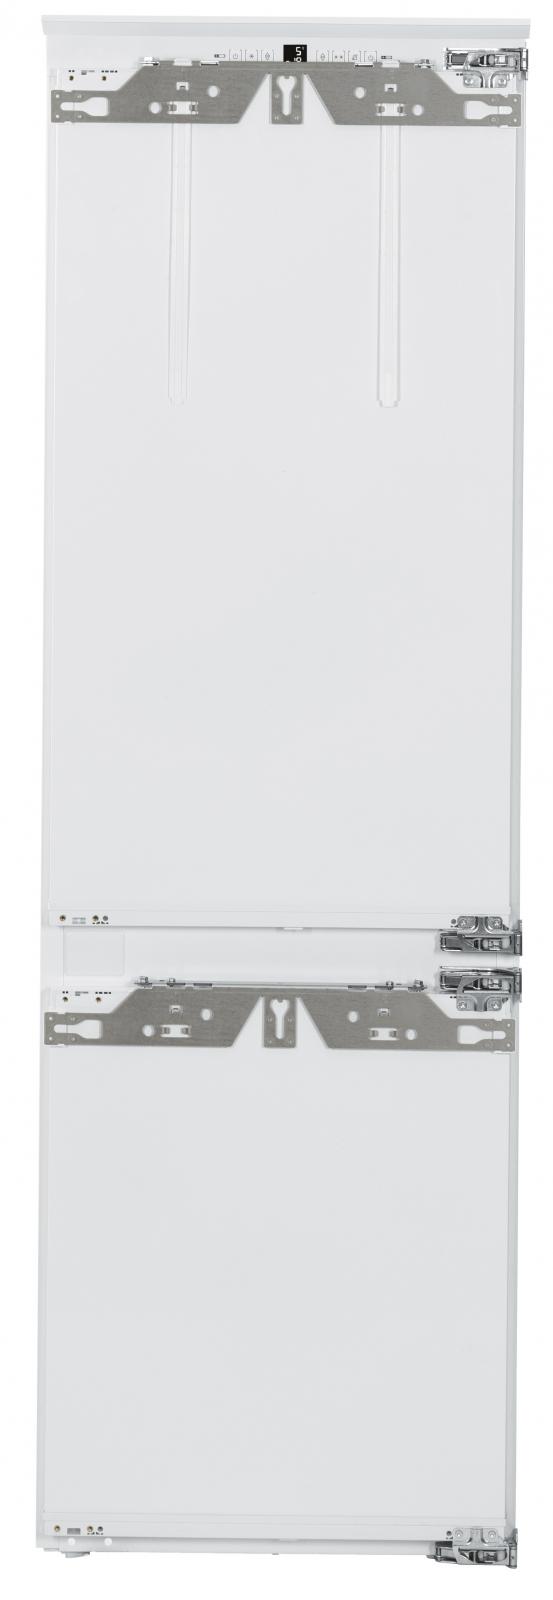 купить Встраиваемый двухкамерный холодильник Liebherr ICBN 3324 Украина фото 3